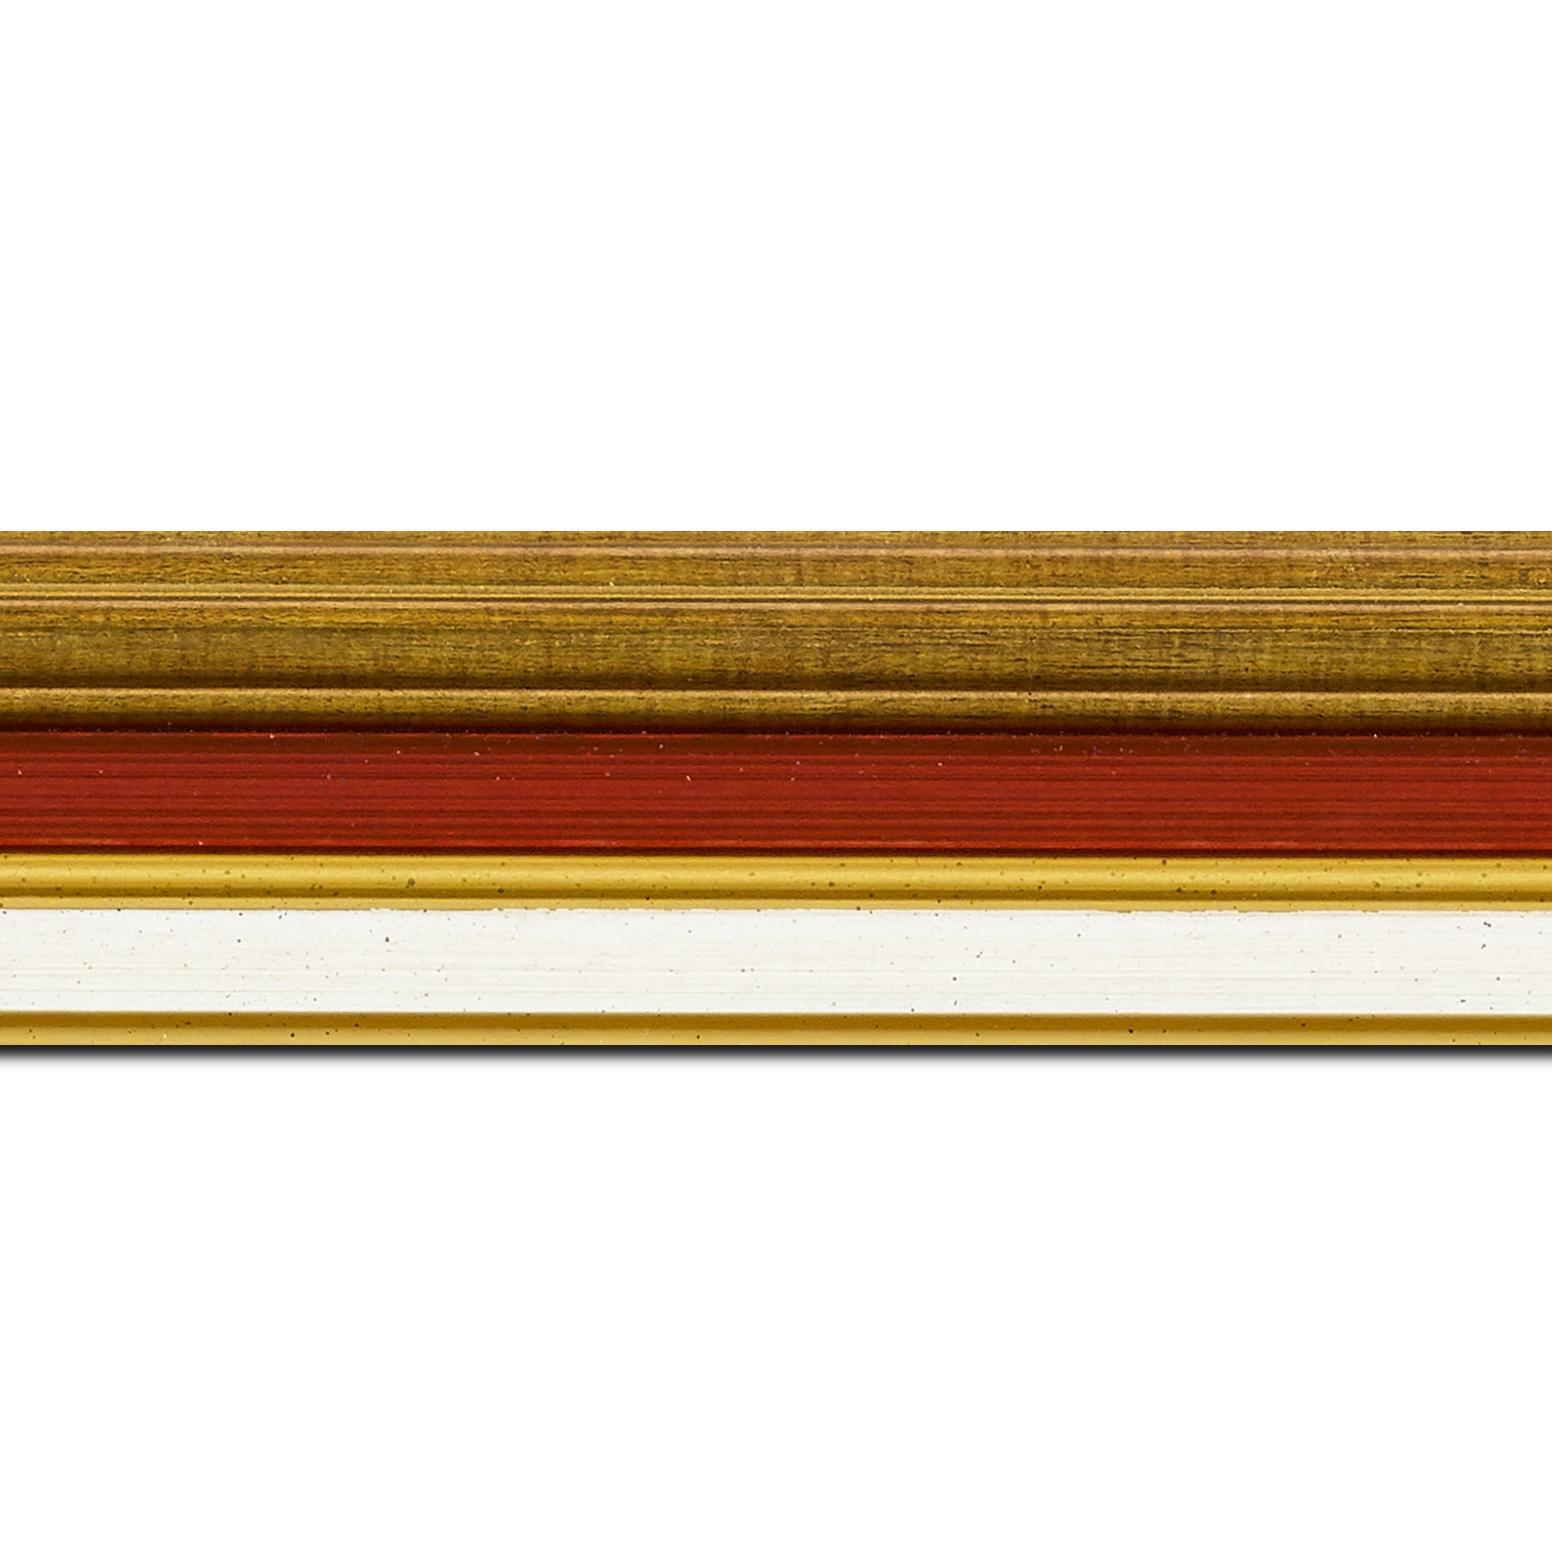 Pack par 12m, bois largeur 5.2cm or gorge bordeaux  marie louise crème filet or intégrée(longueur baguette pouvant varier entre 2.40m et 3m selon arrivage des bois)